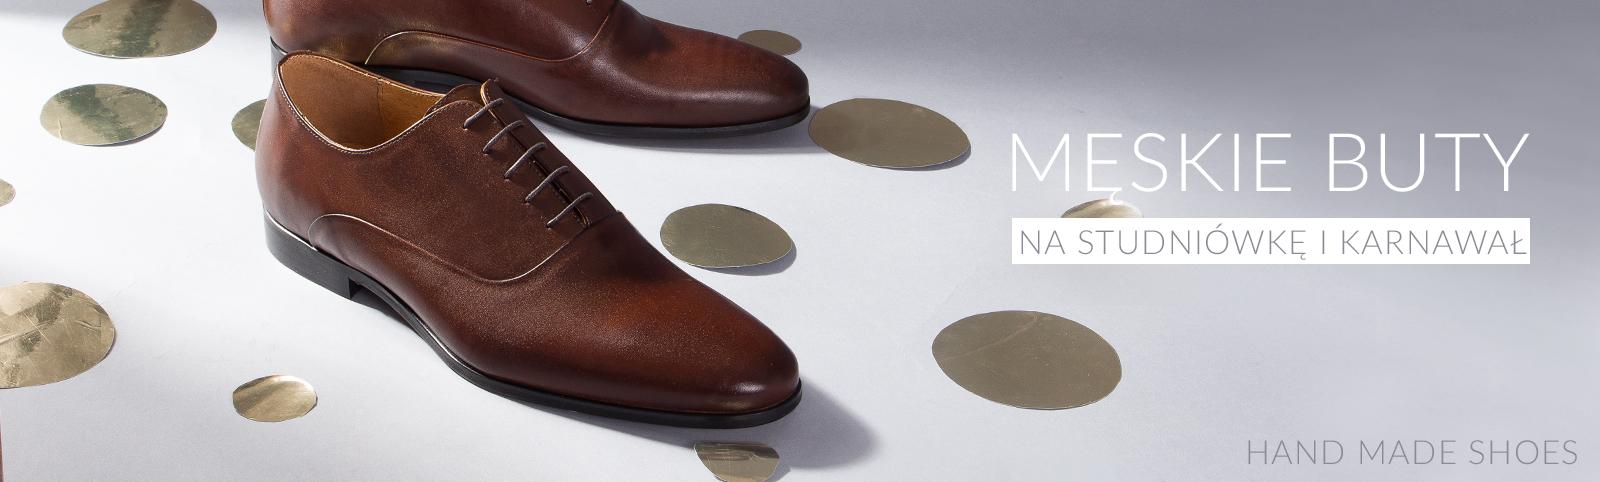 buty karnawałow męskie